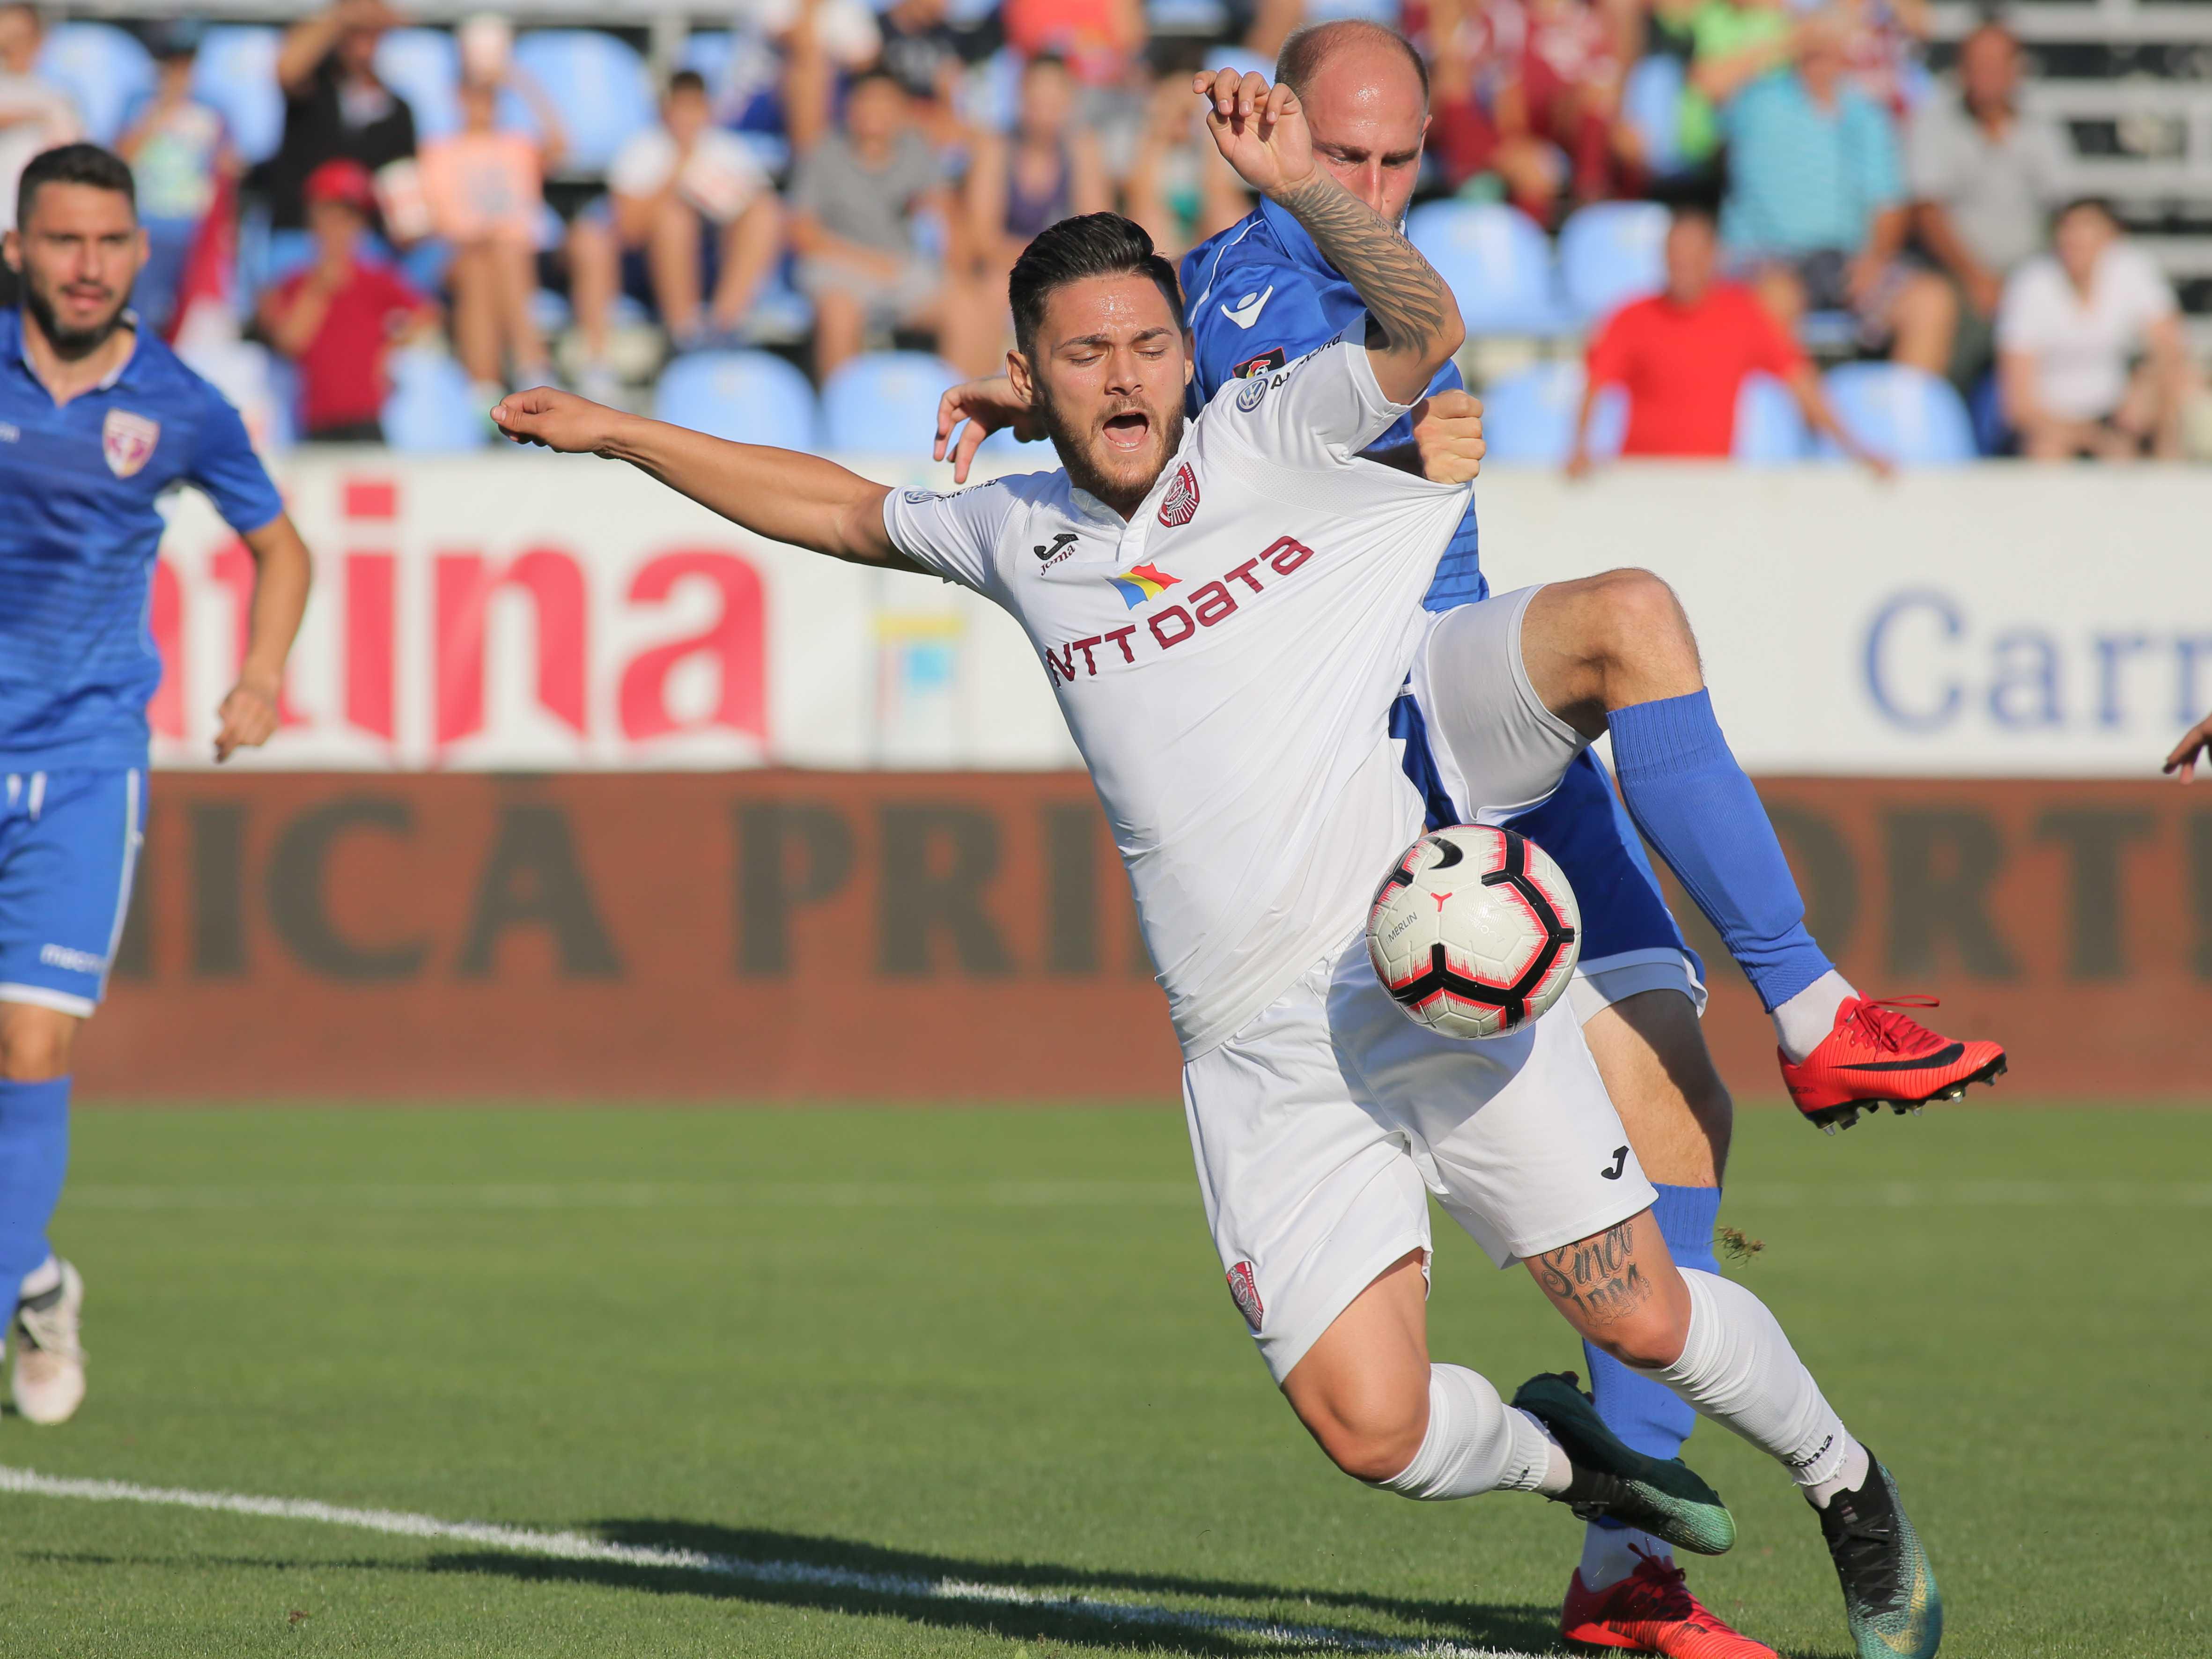 Alexandru Ioniță în partida Voluntari - CFR Cluj. Sursă foto: sportpictures.eu